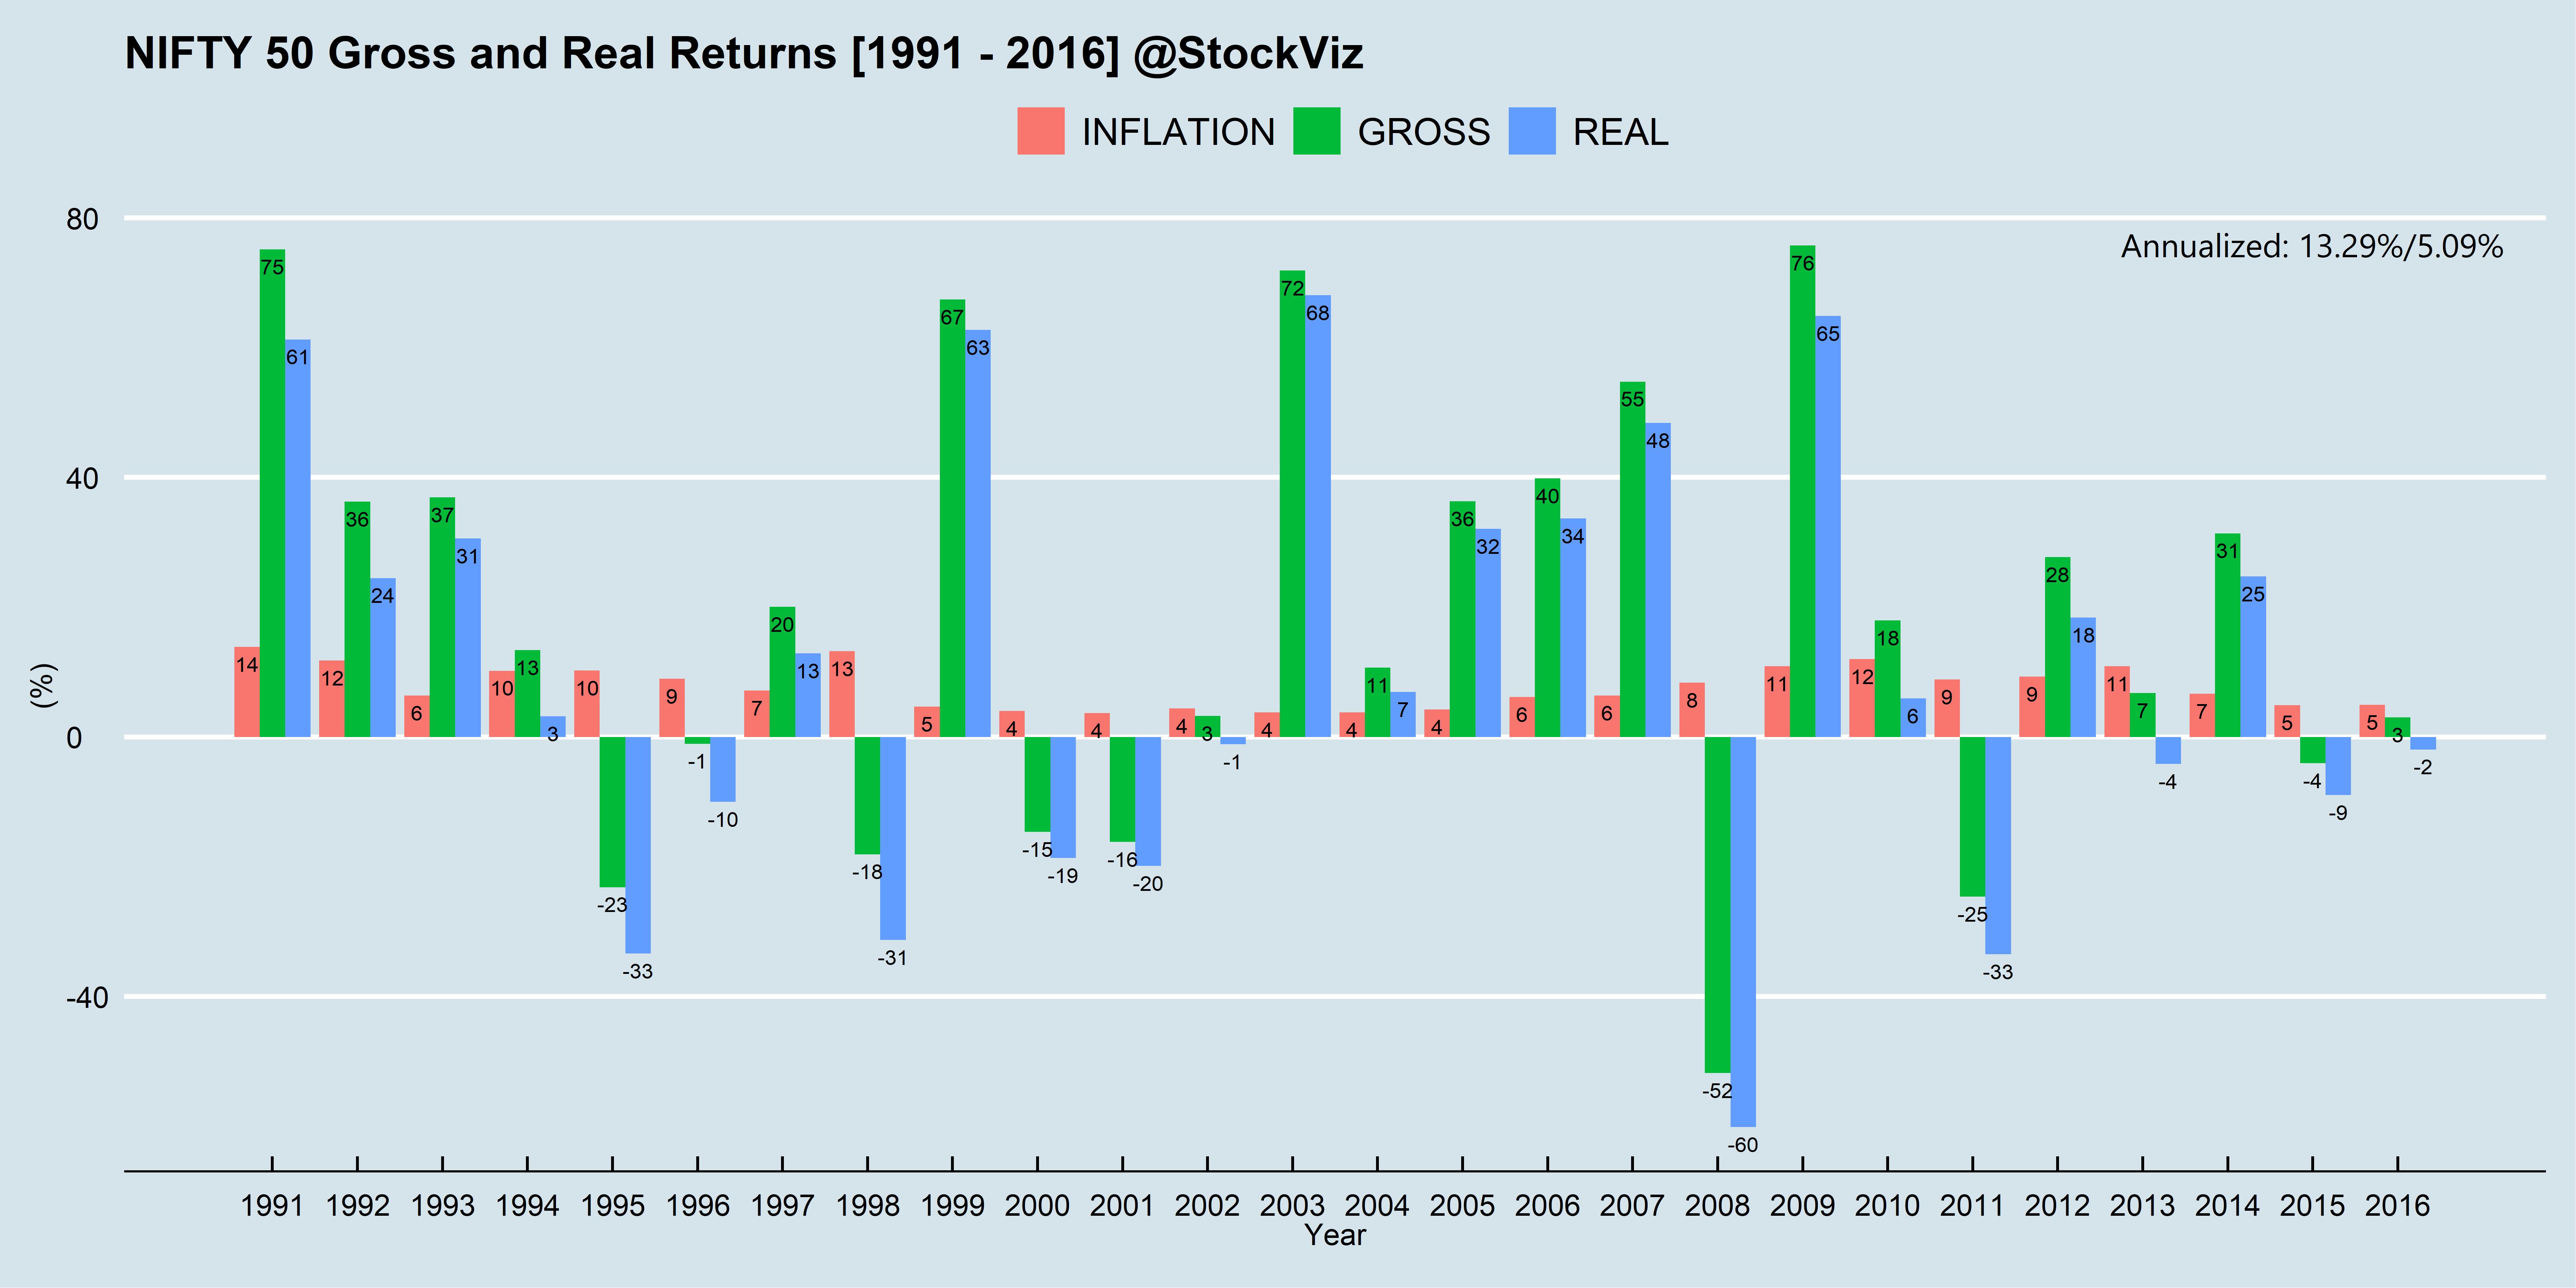 Gross vs. Real NIFTY 50 returns